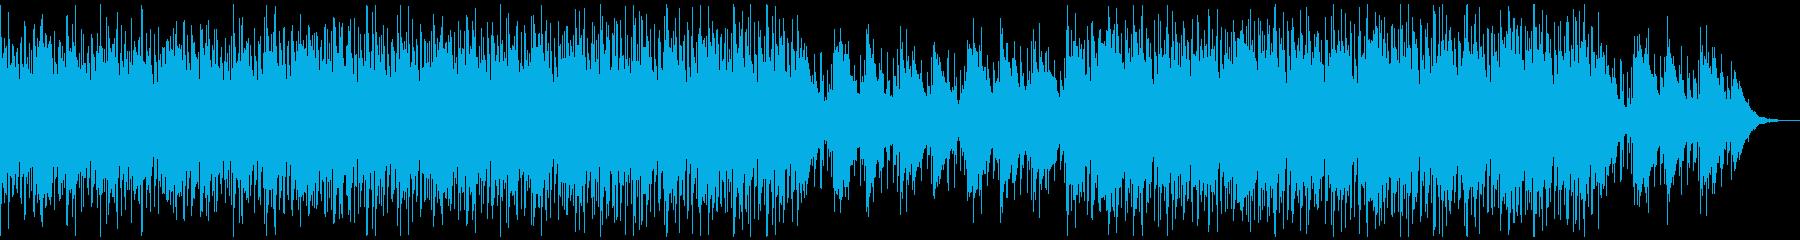 未来の技術 テクノロジー エレキギ...の再生済みの波形